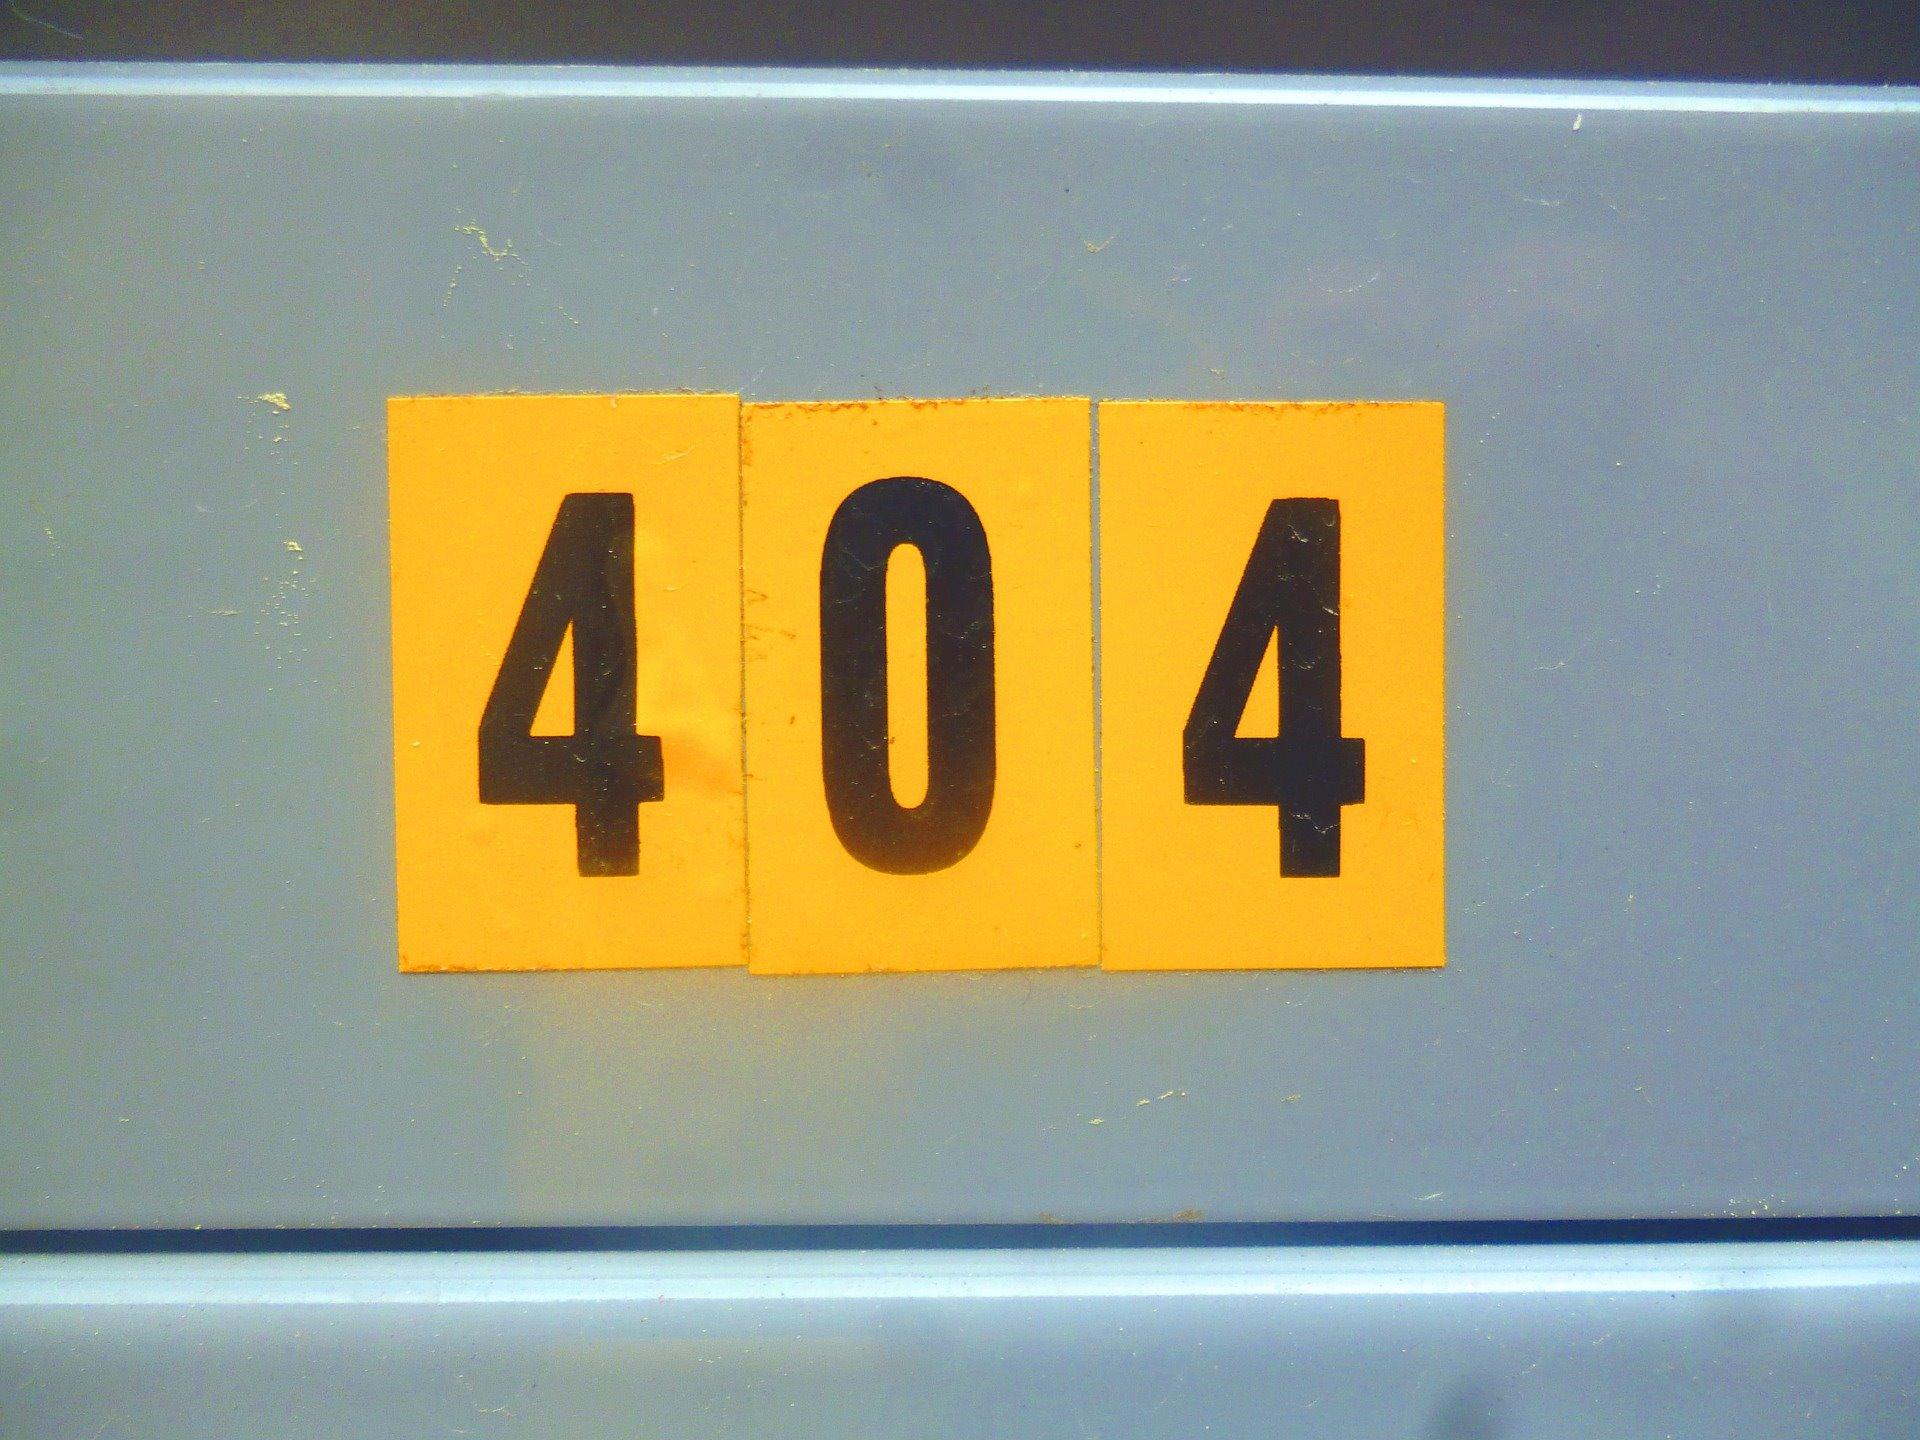 erreur 404 - protai-in - agence web cameroun - agence web douala - création de site web (site internet)